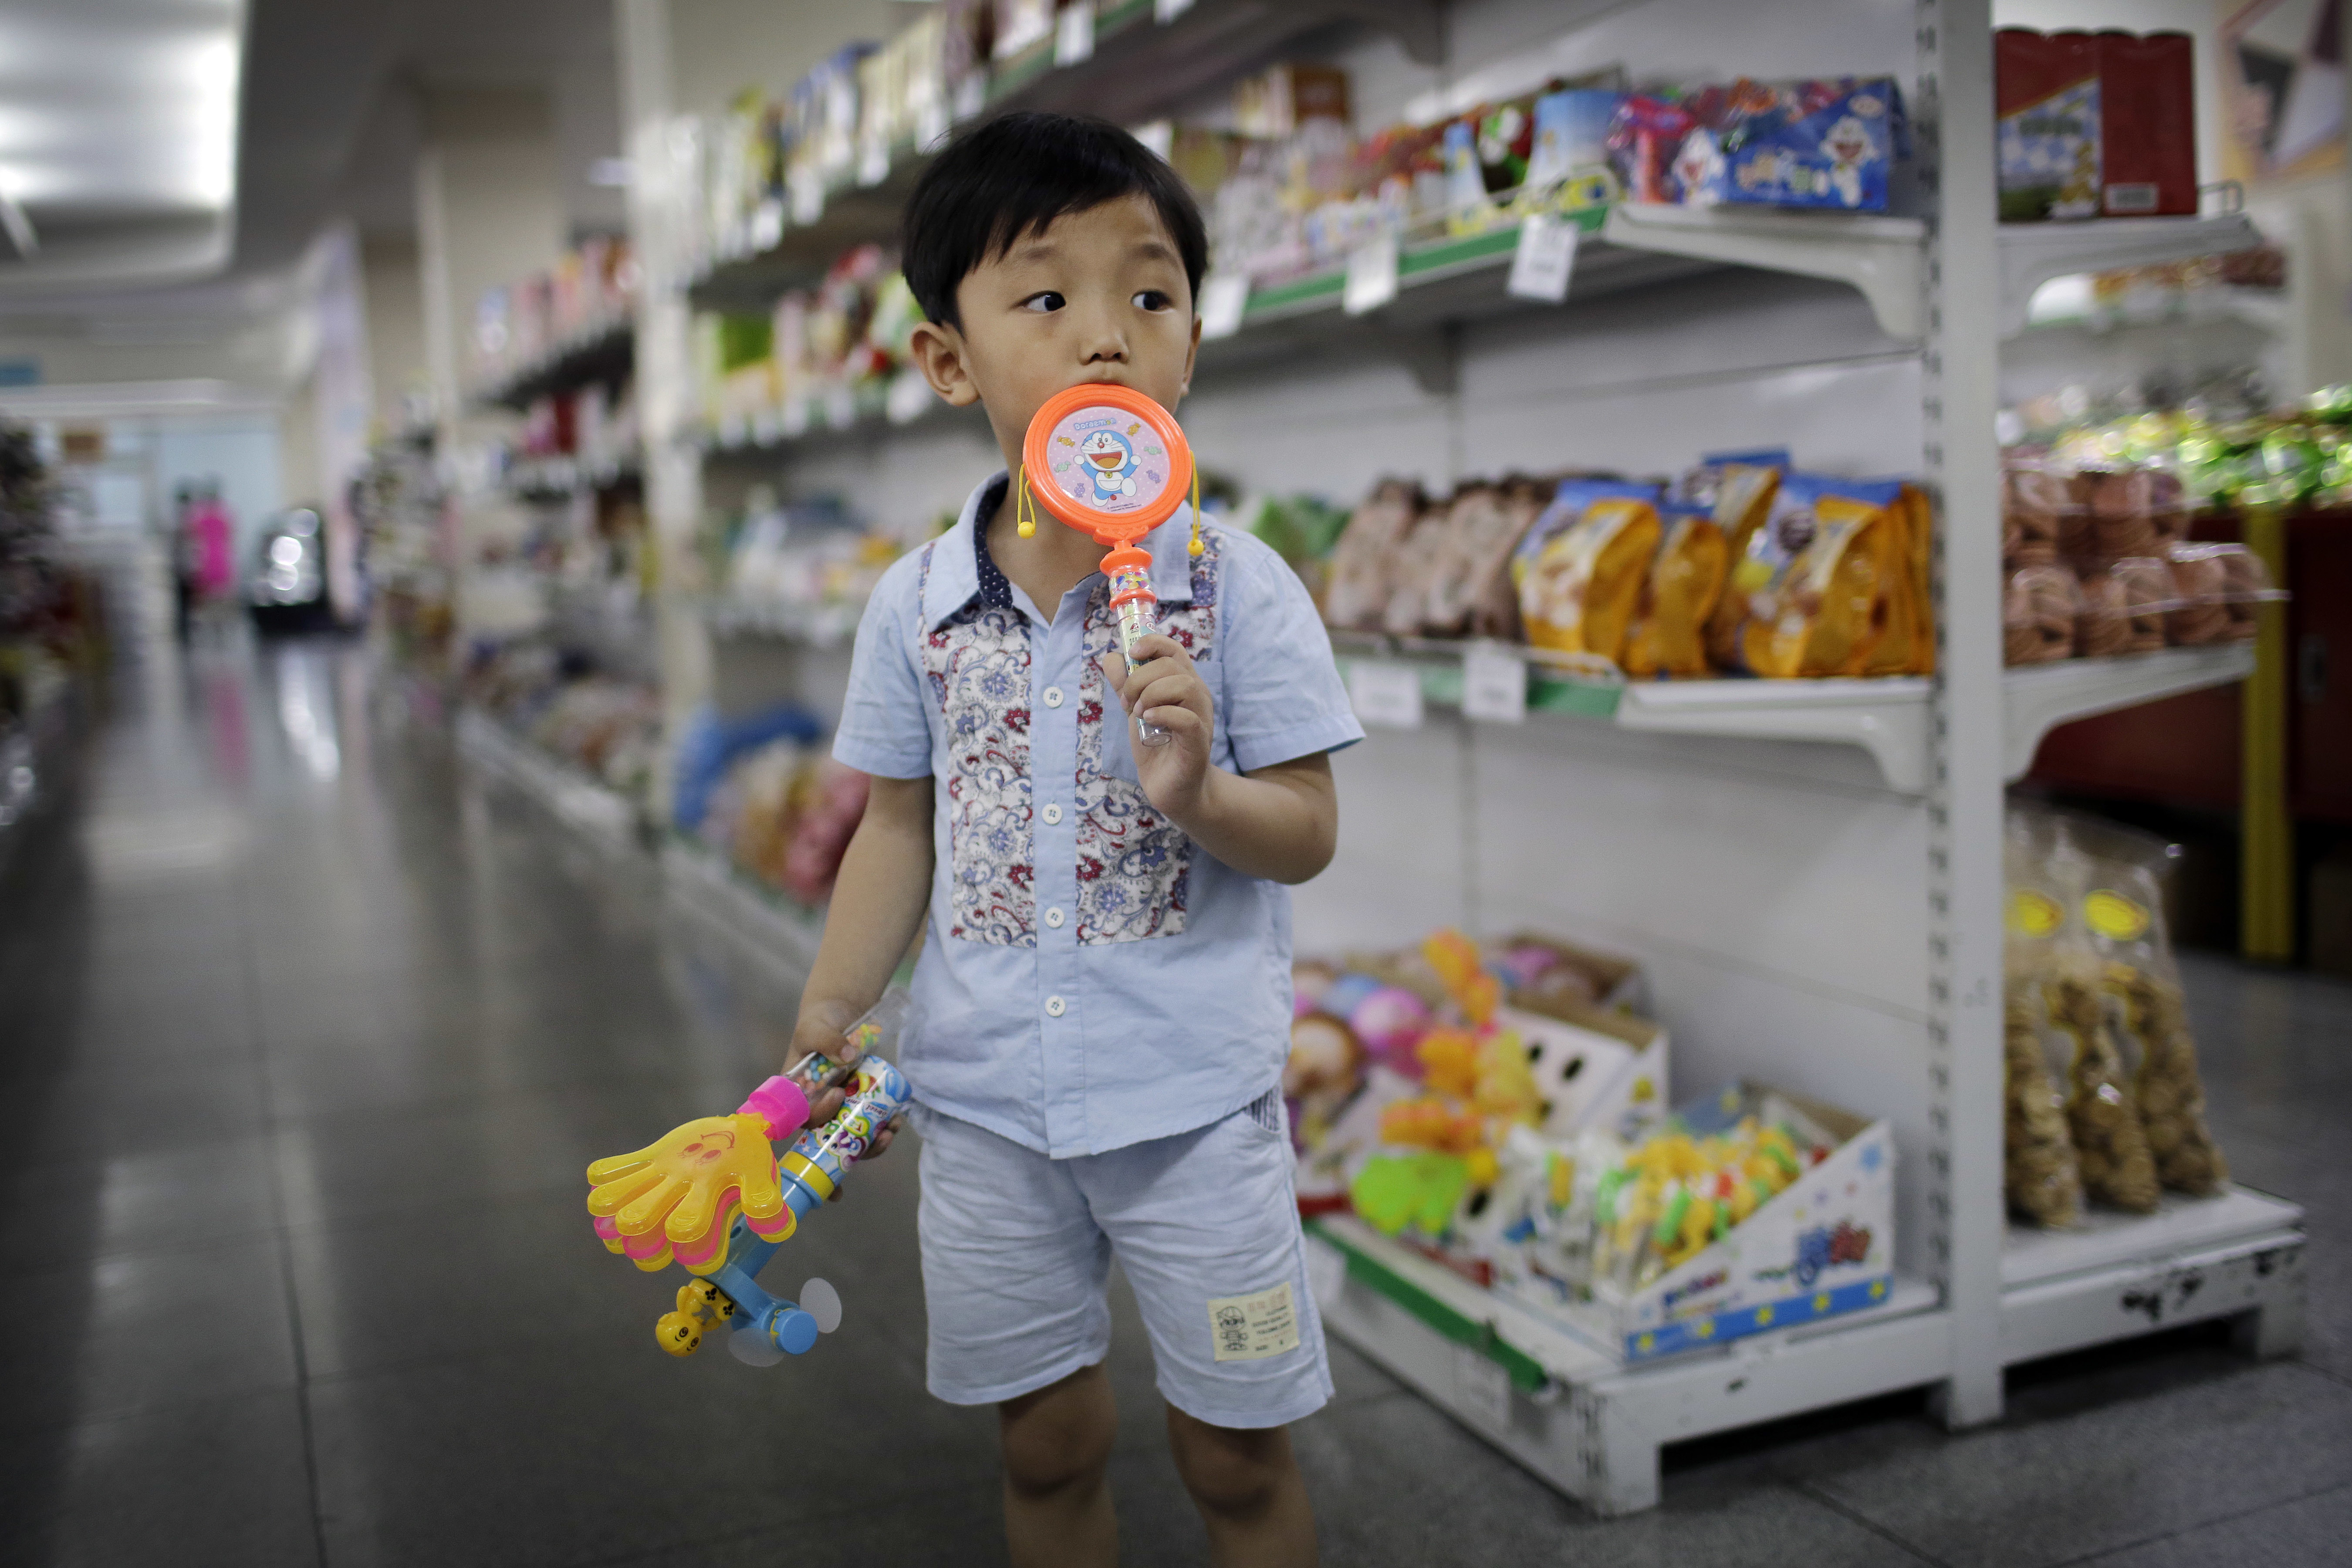 ▲▼美國智庫指出,近來北韓物價異常穩定,可能與中國援助有關。(圖/達志影像/美聯社)